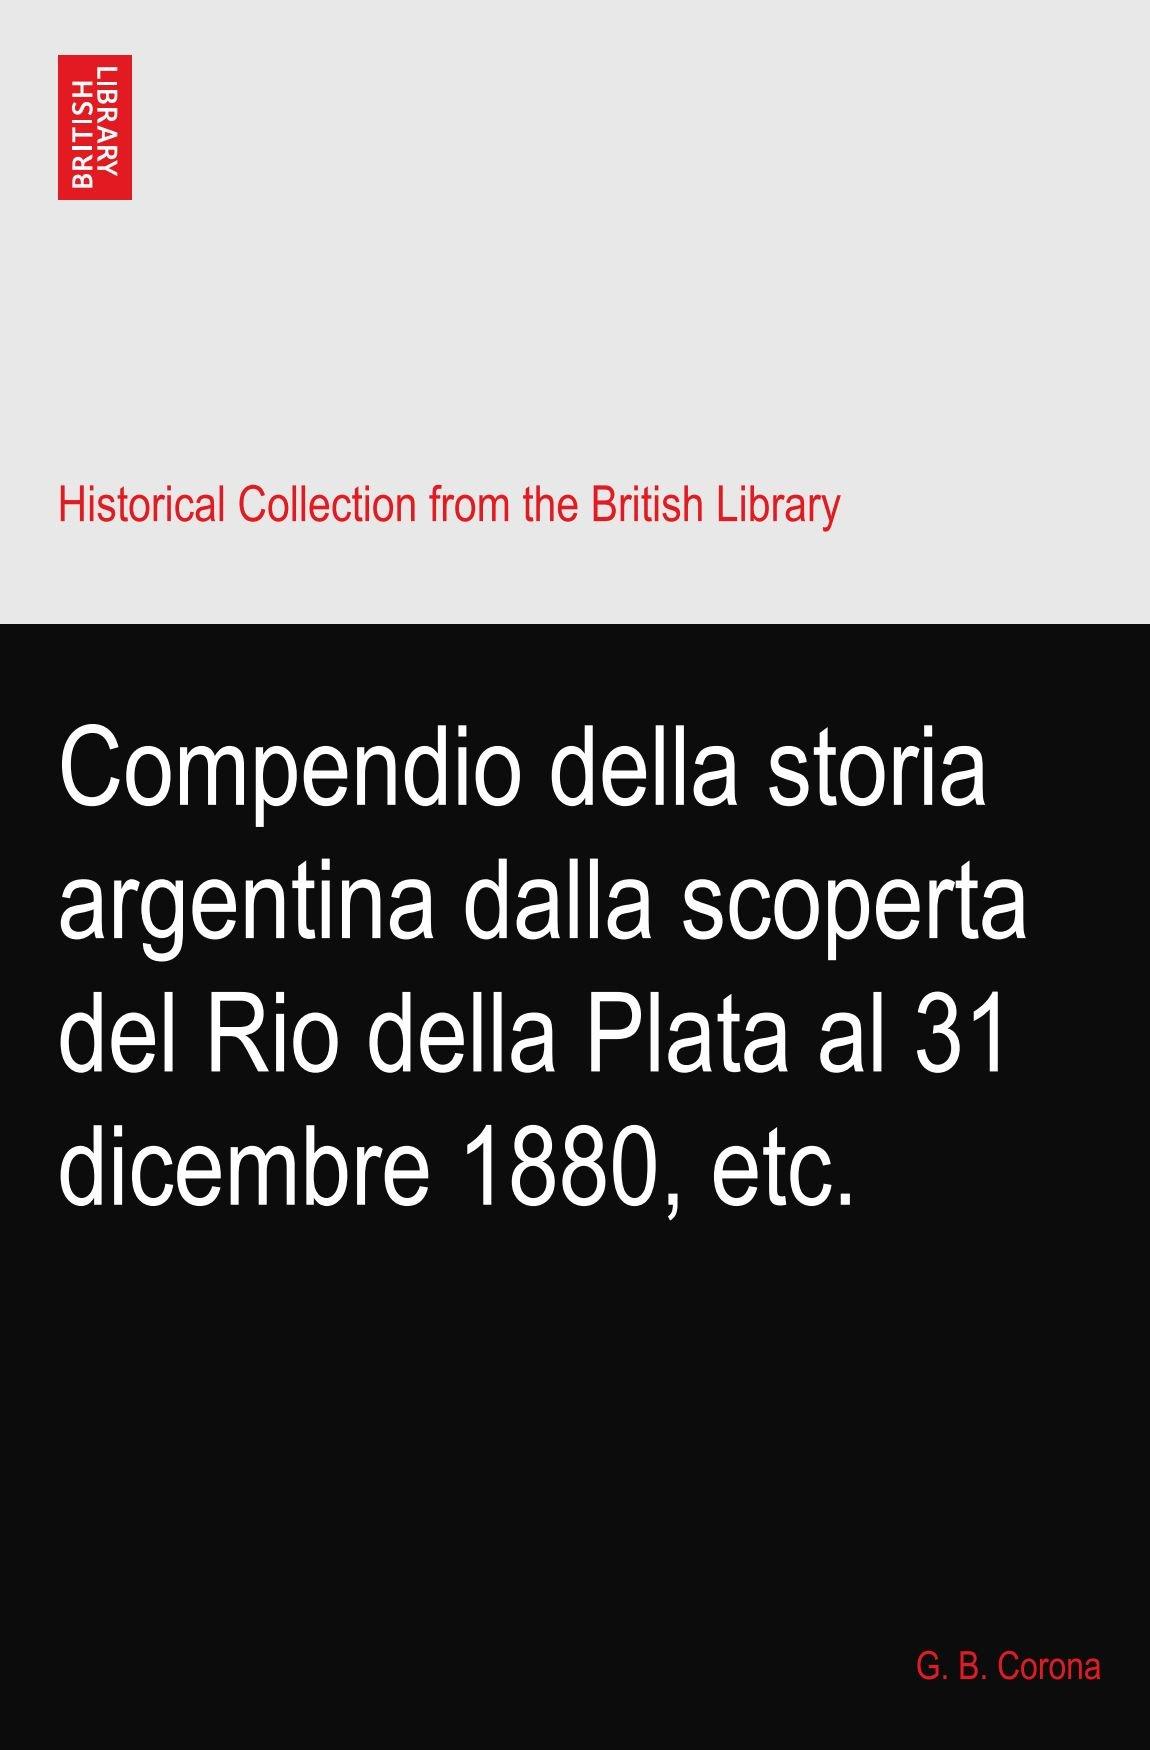 Compendio della storia argentina dalla scoperta del Rio della Plata al 31 dicembre 1880, etc. pdf